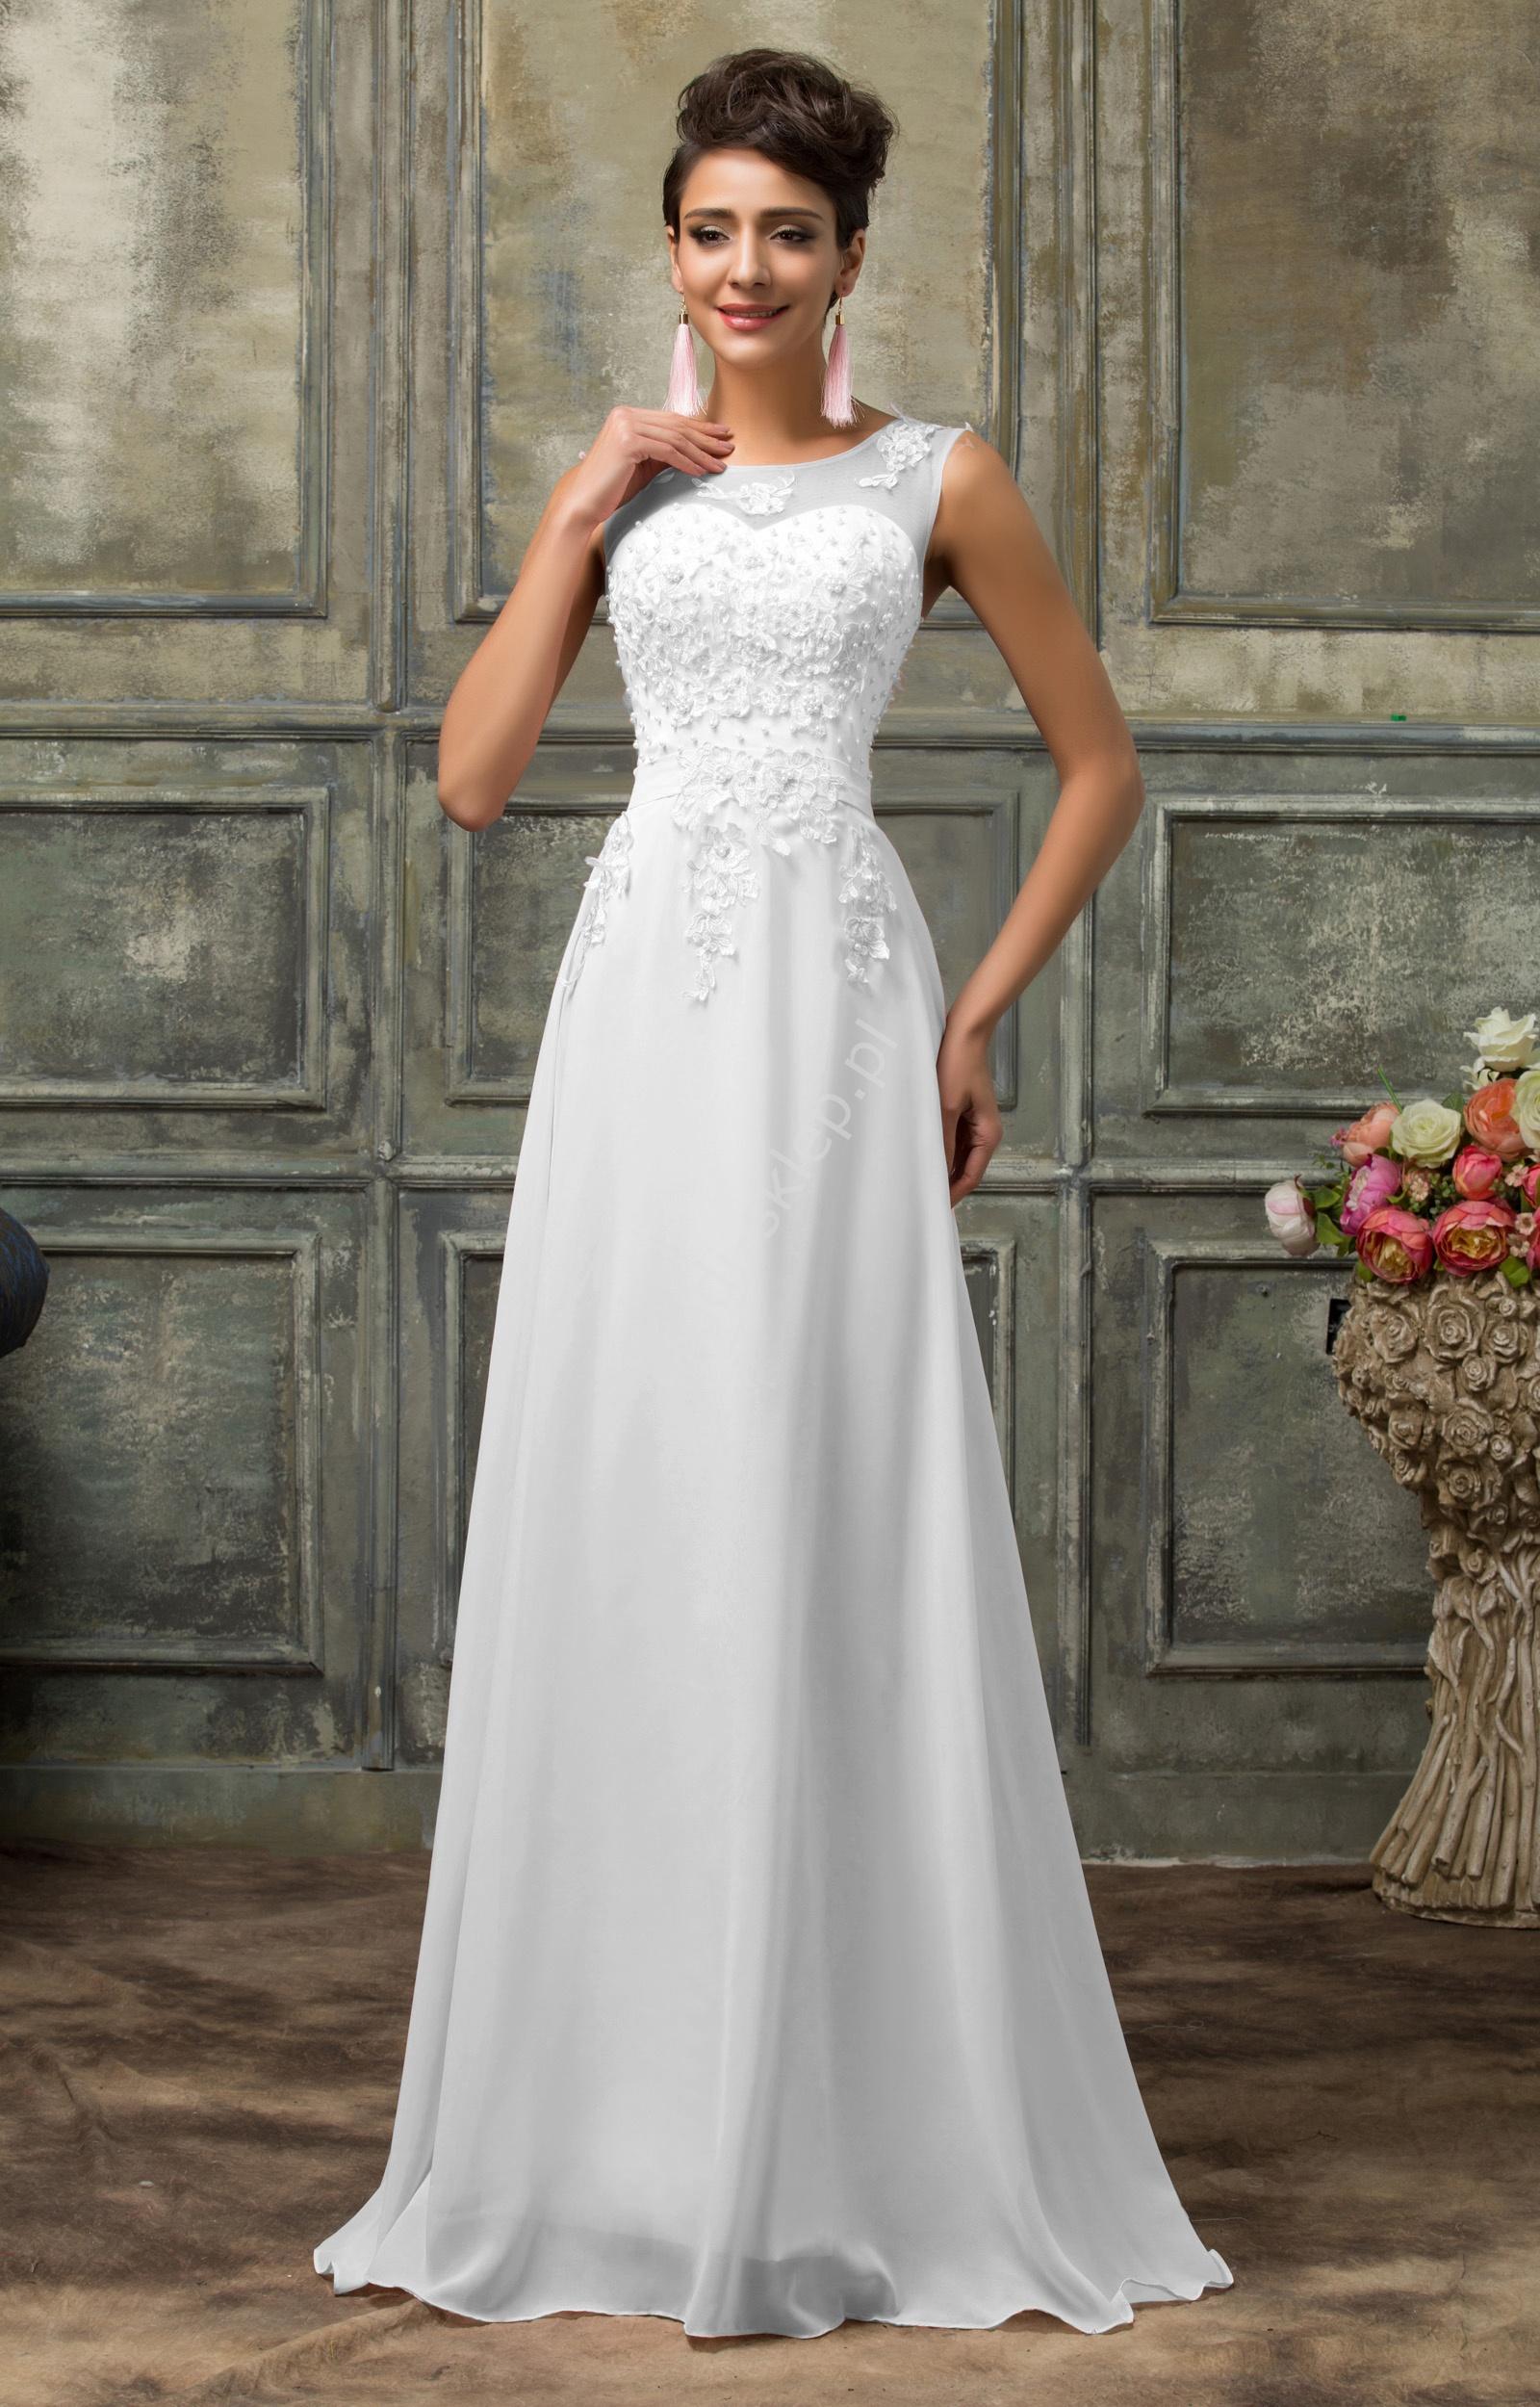 Suknia ślubna z perłami i gipiurowym haftem - Lejdi